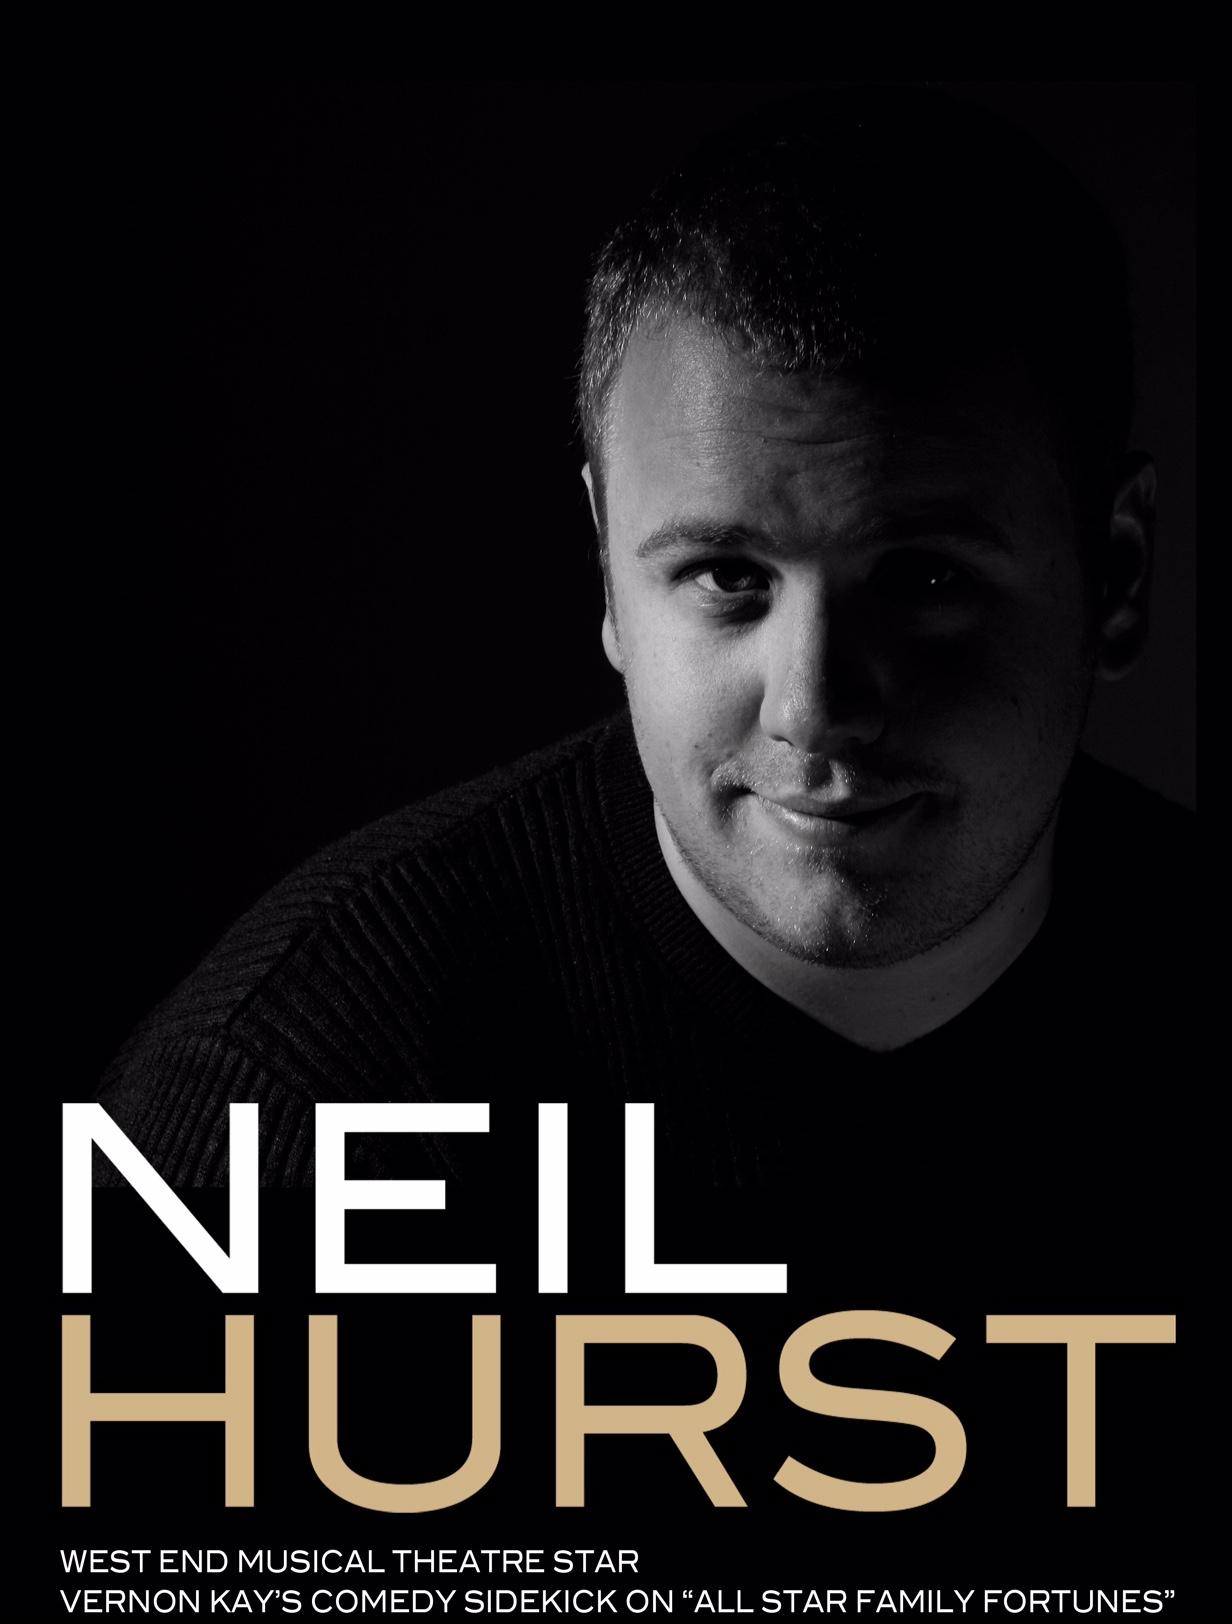 Neil Hurst